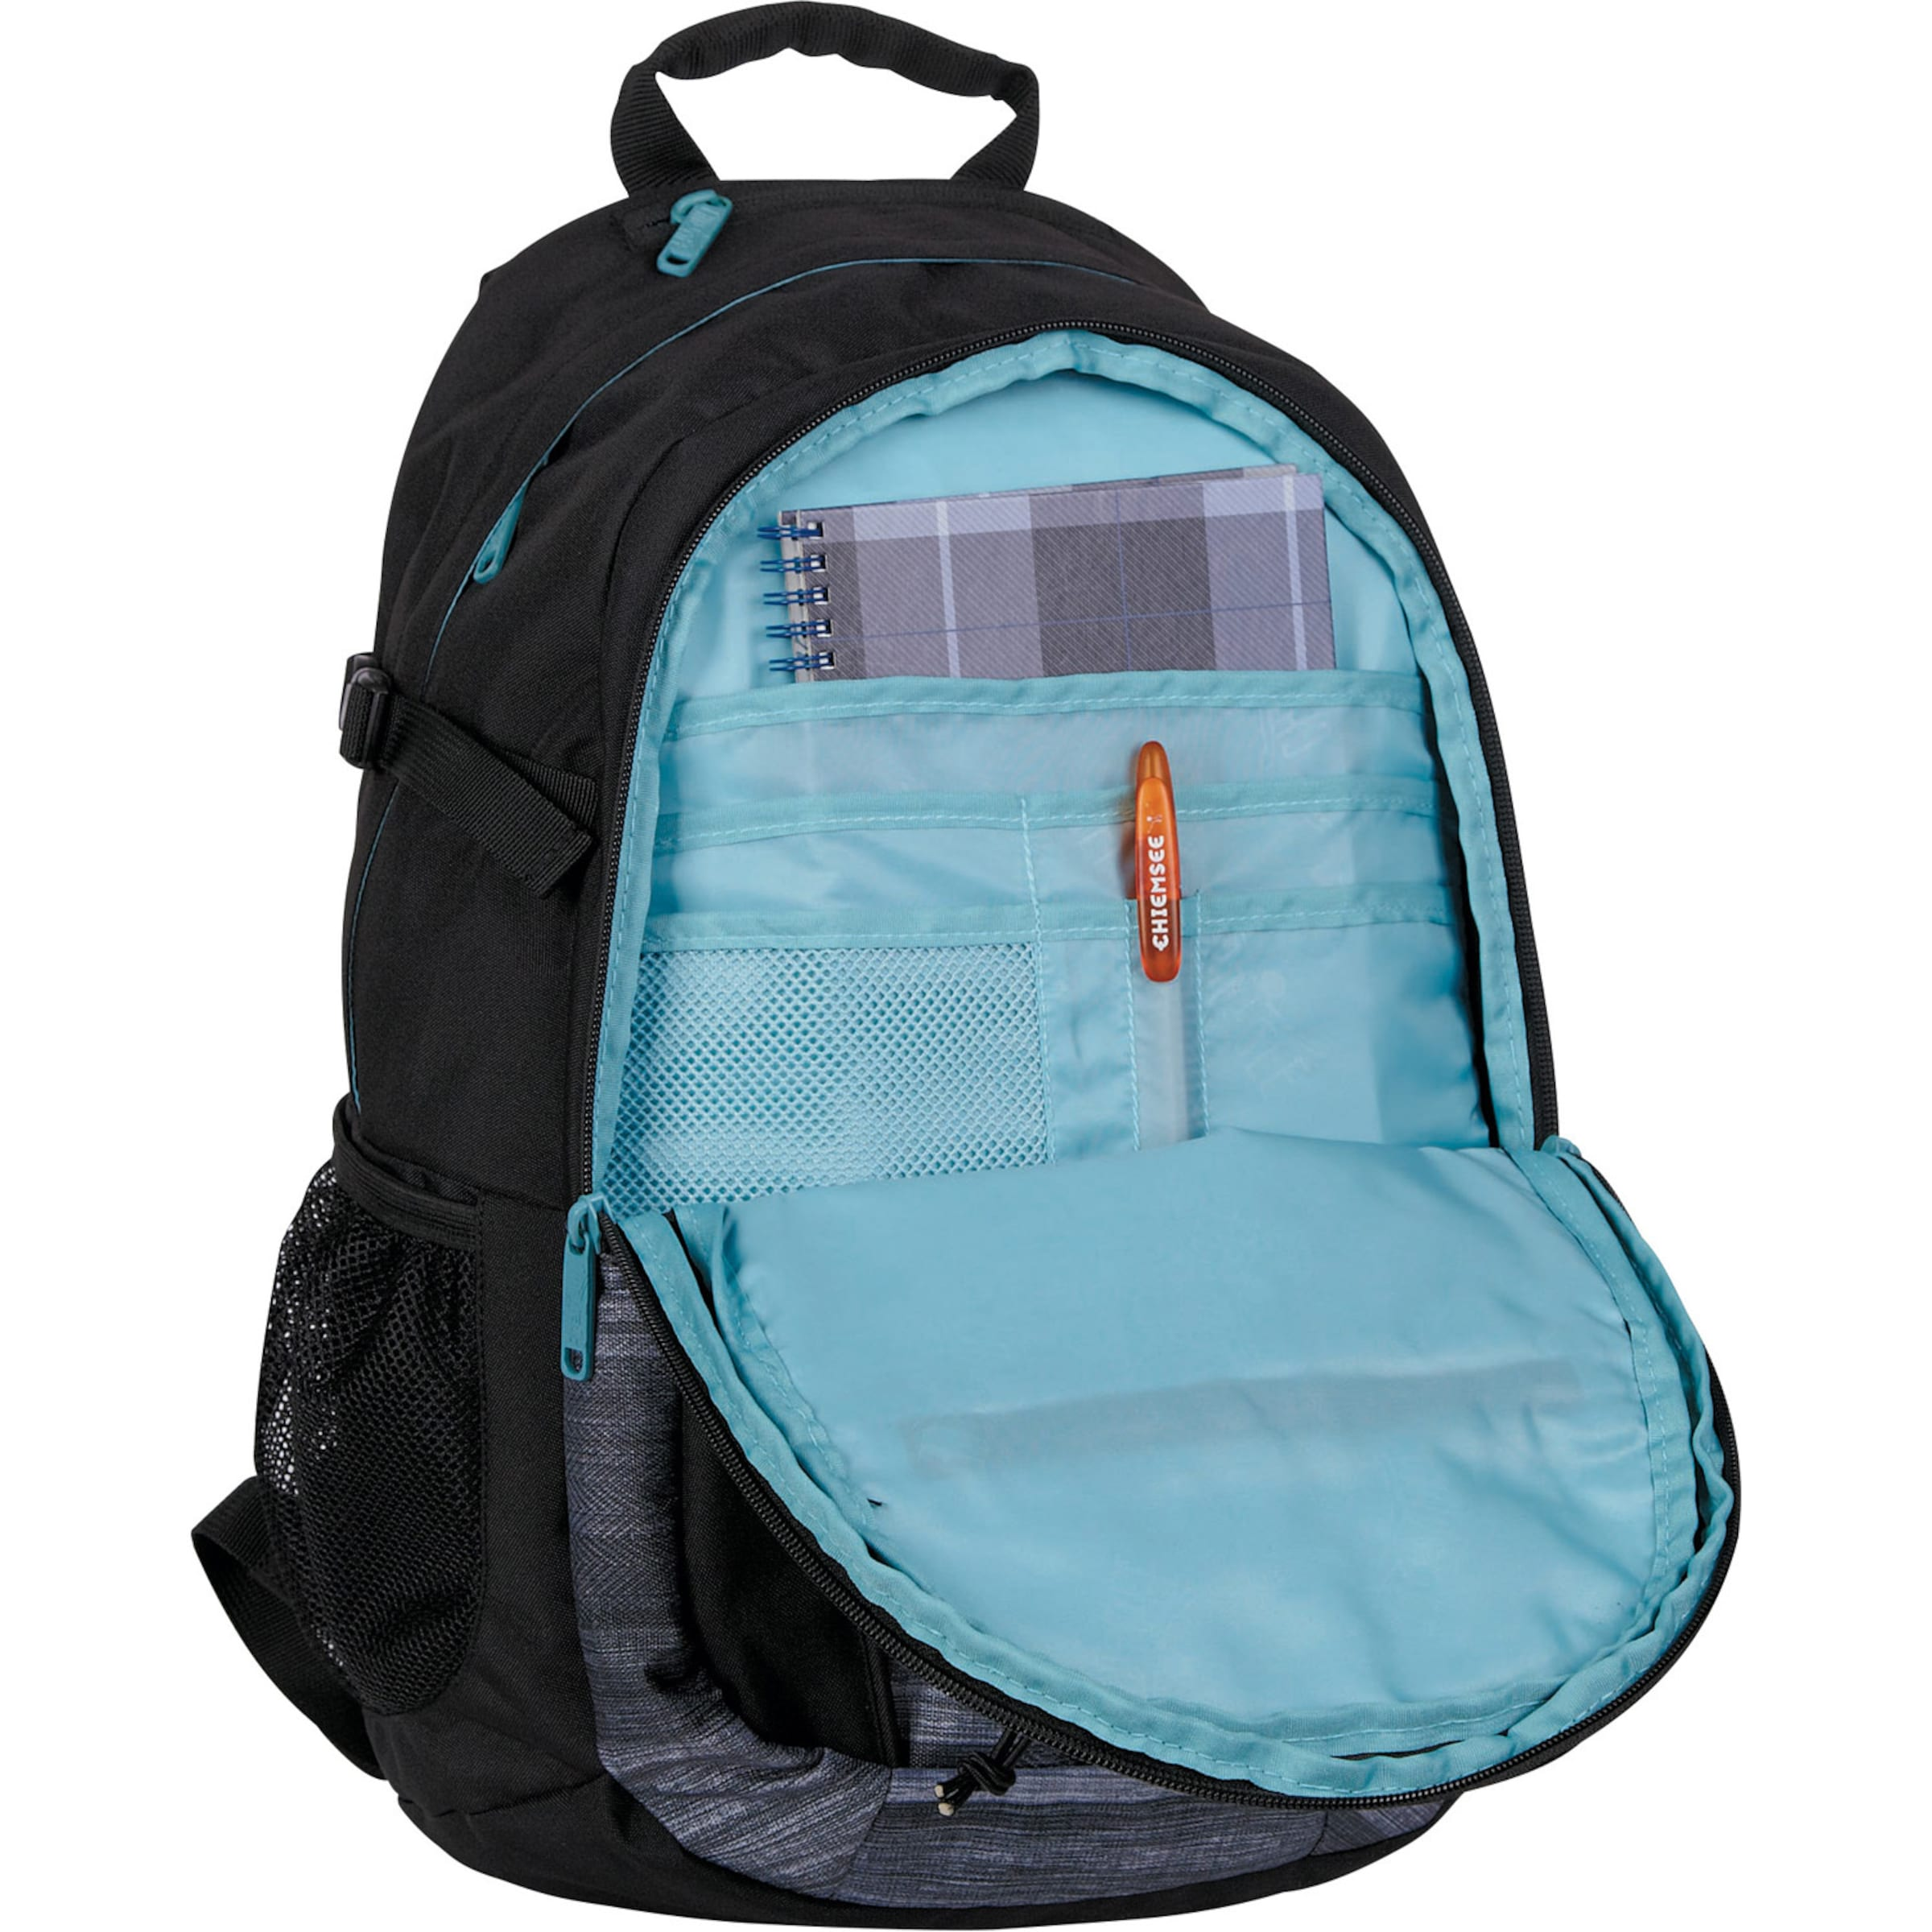 CHIEMSEE Sport Herkules Rucksack 50 cm Laptopfach Freies Verschiffen Fälschung Großer Verkauf Günstiger Preis jE1DnNr